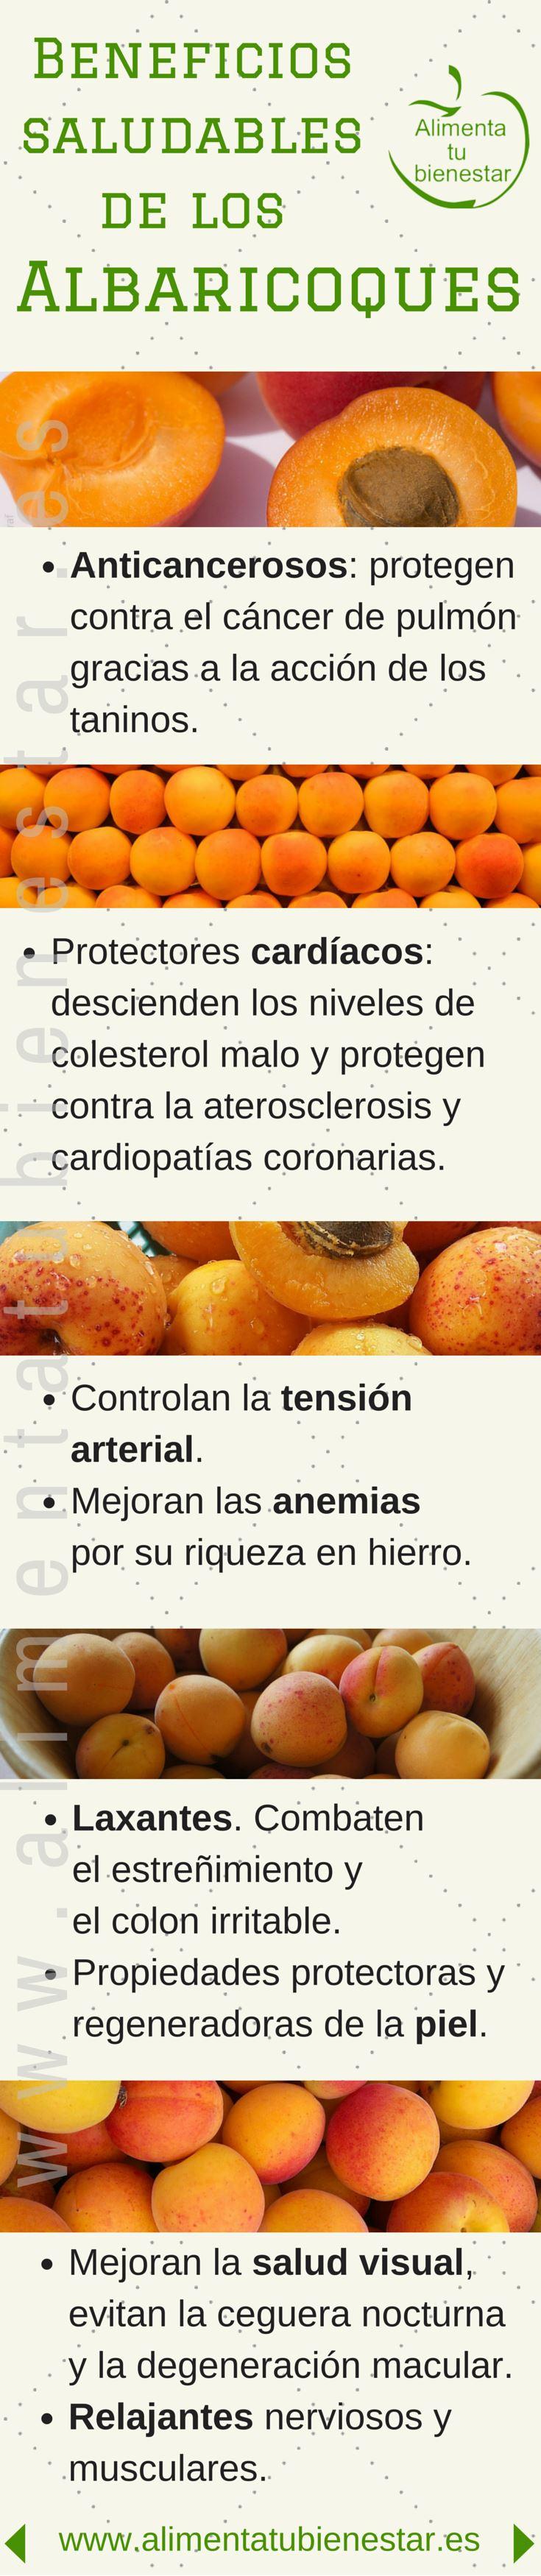 Beneficios para la salud de los albaricoques